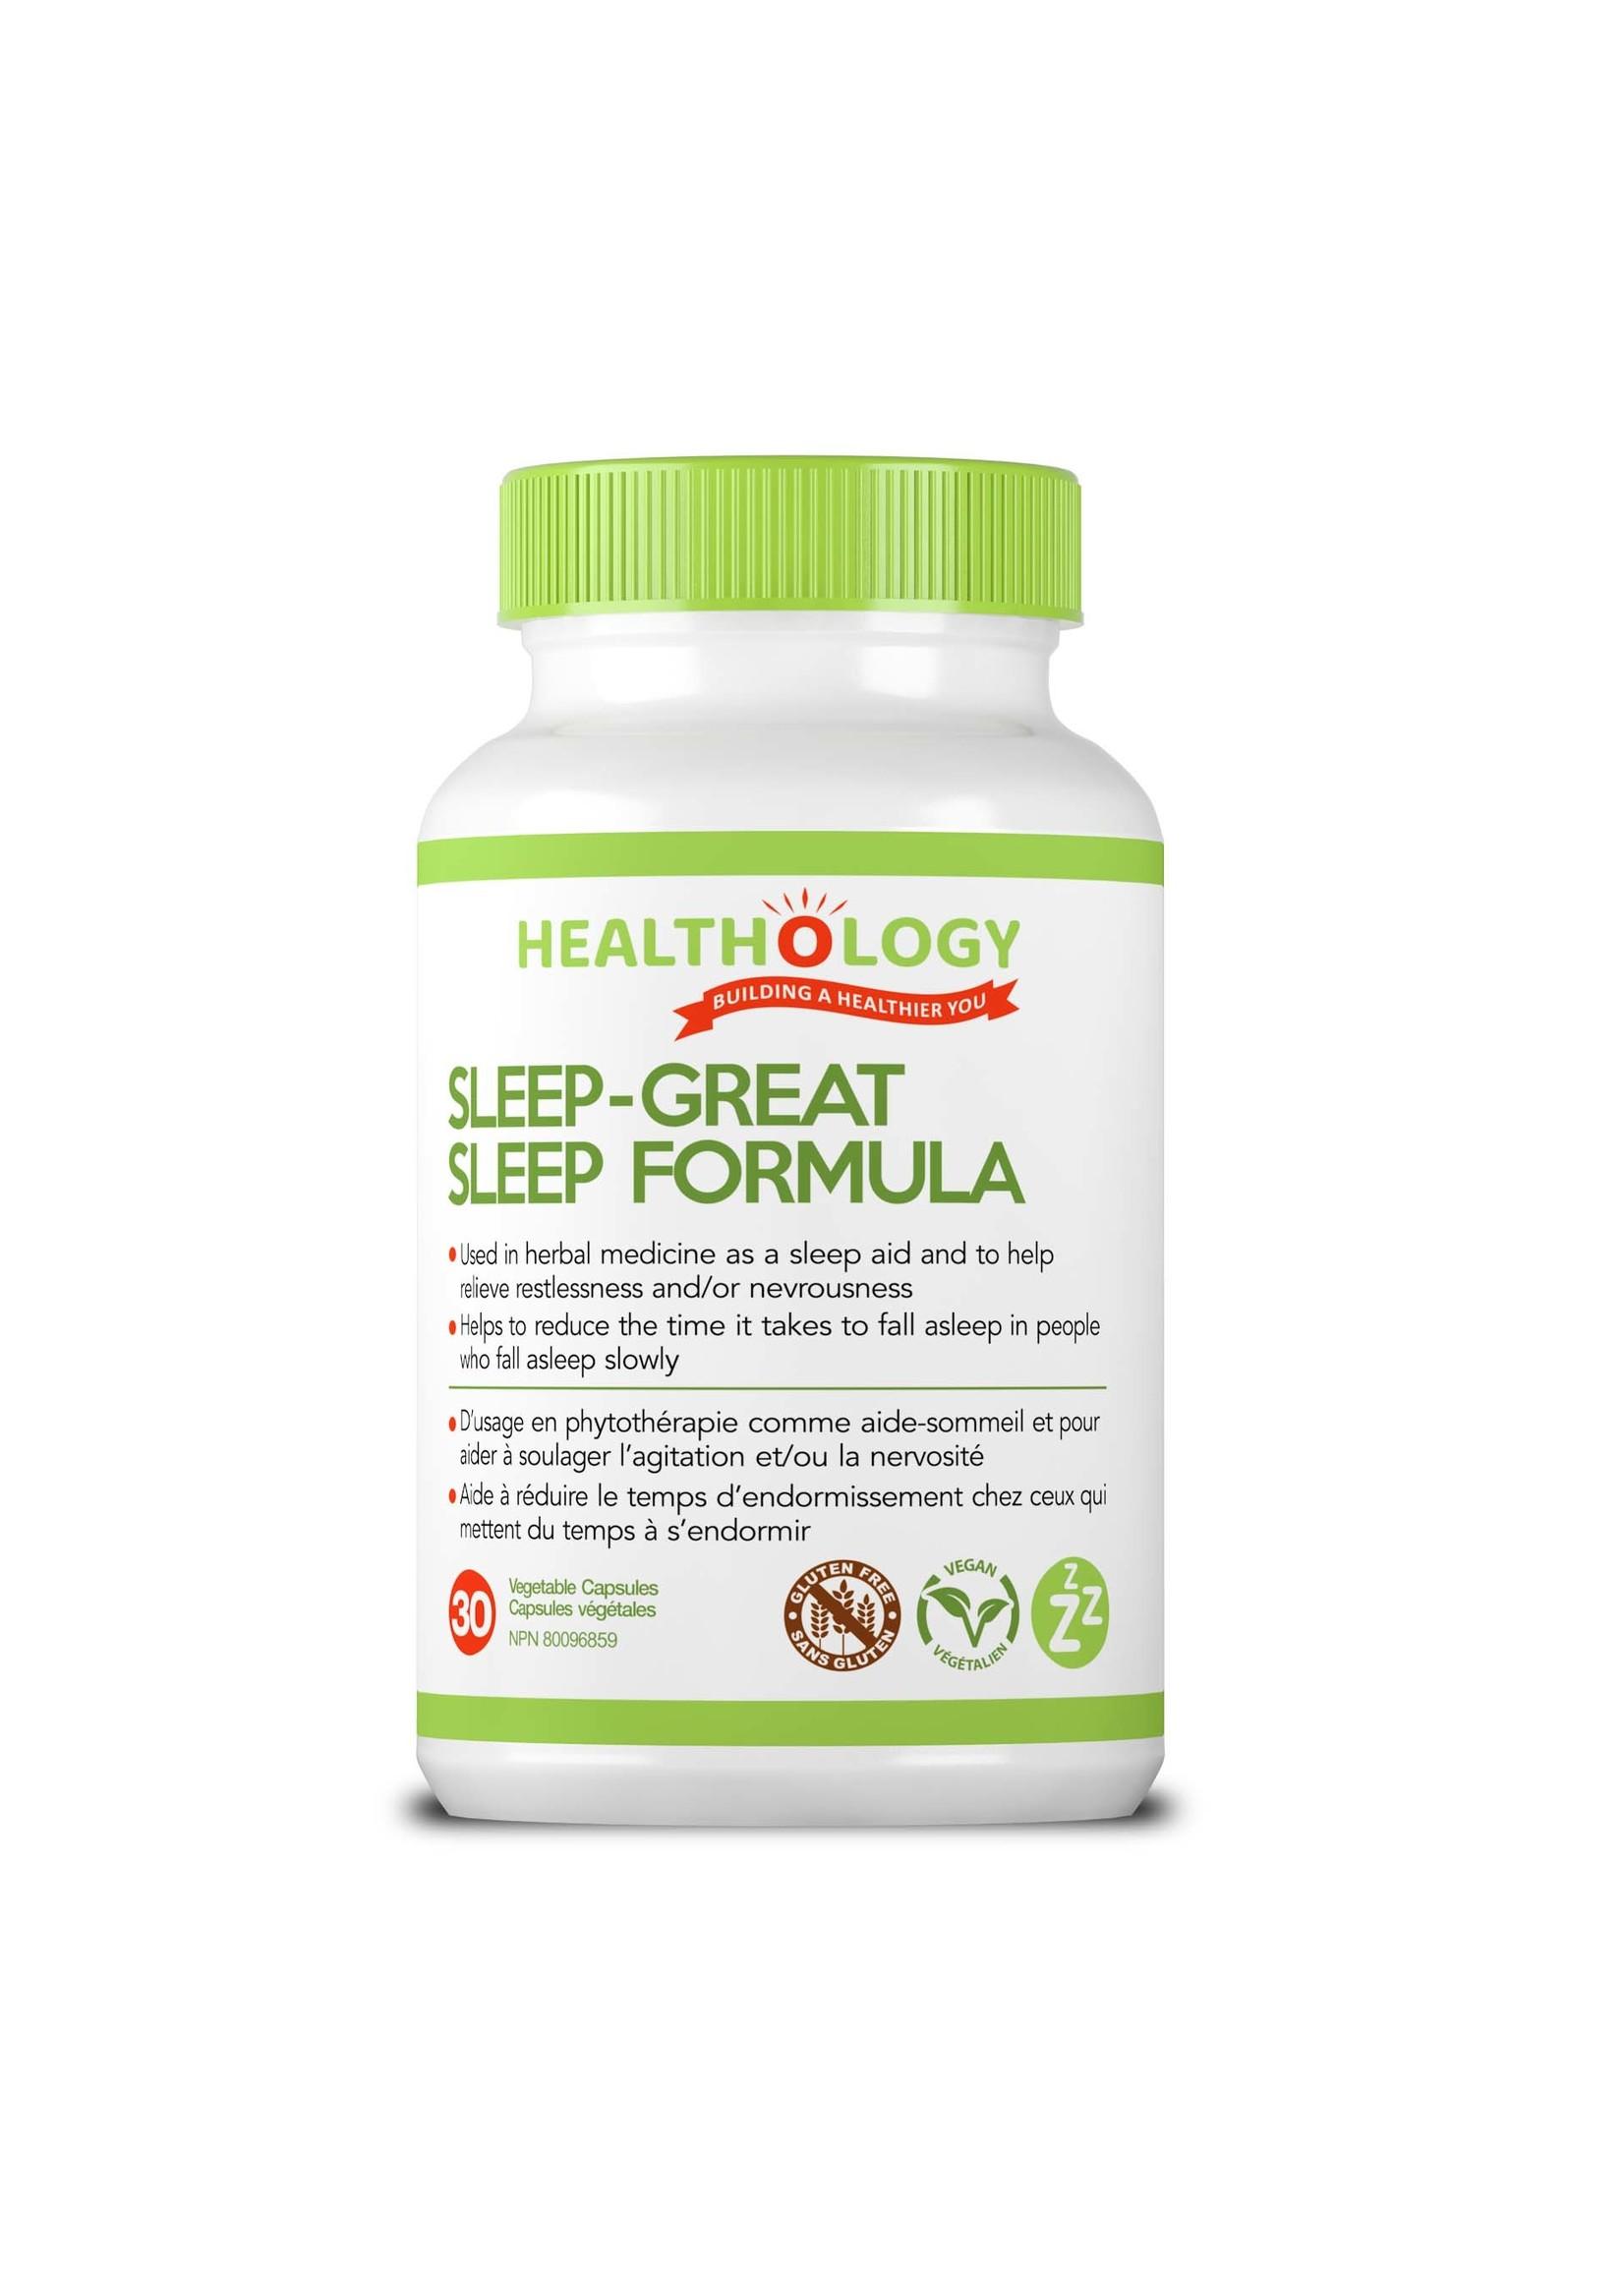 Healthology Healthology SLEEP-GREAT 30 Capsules